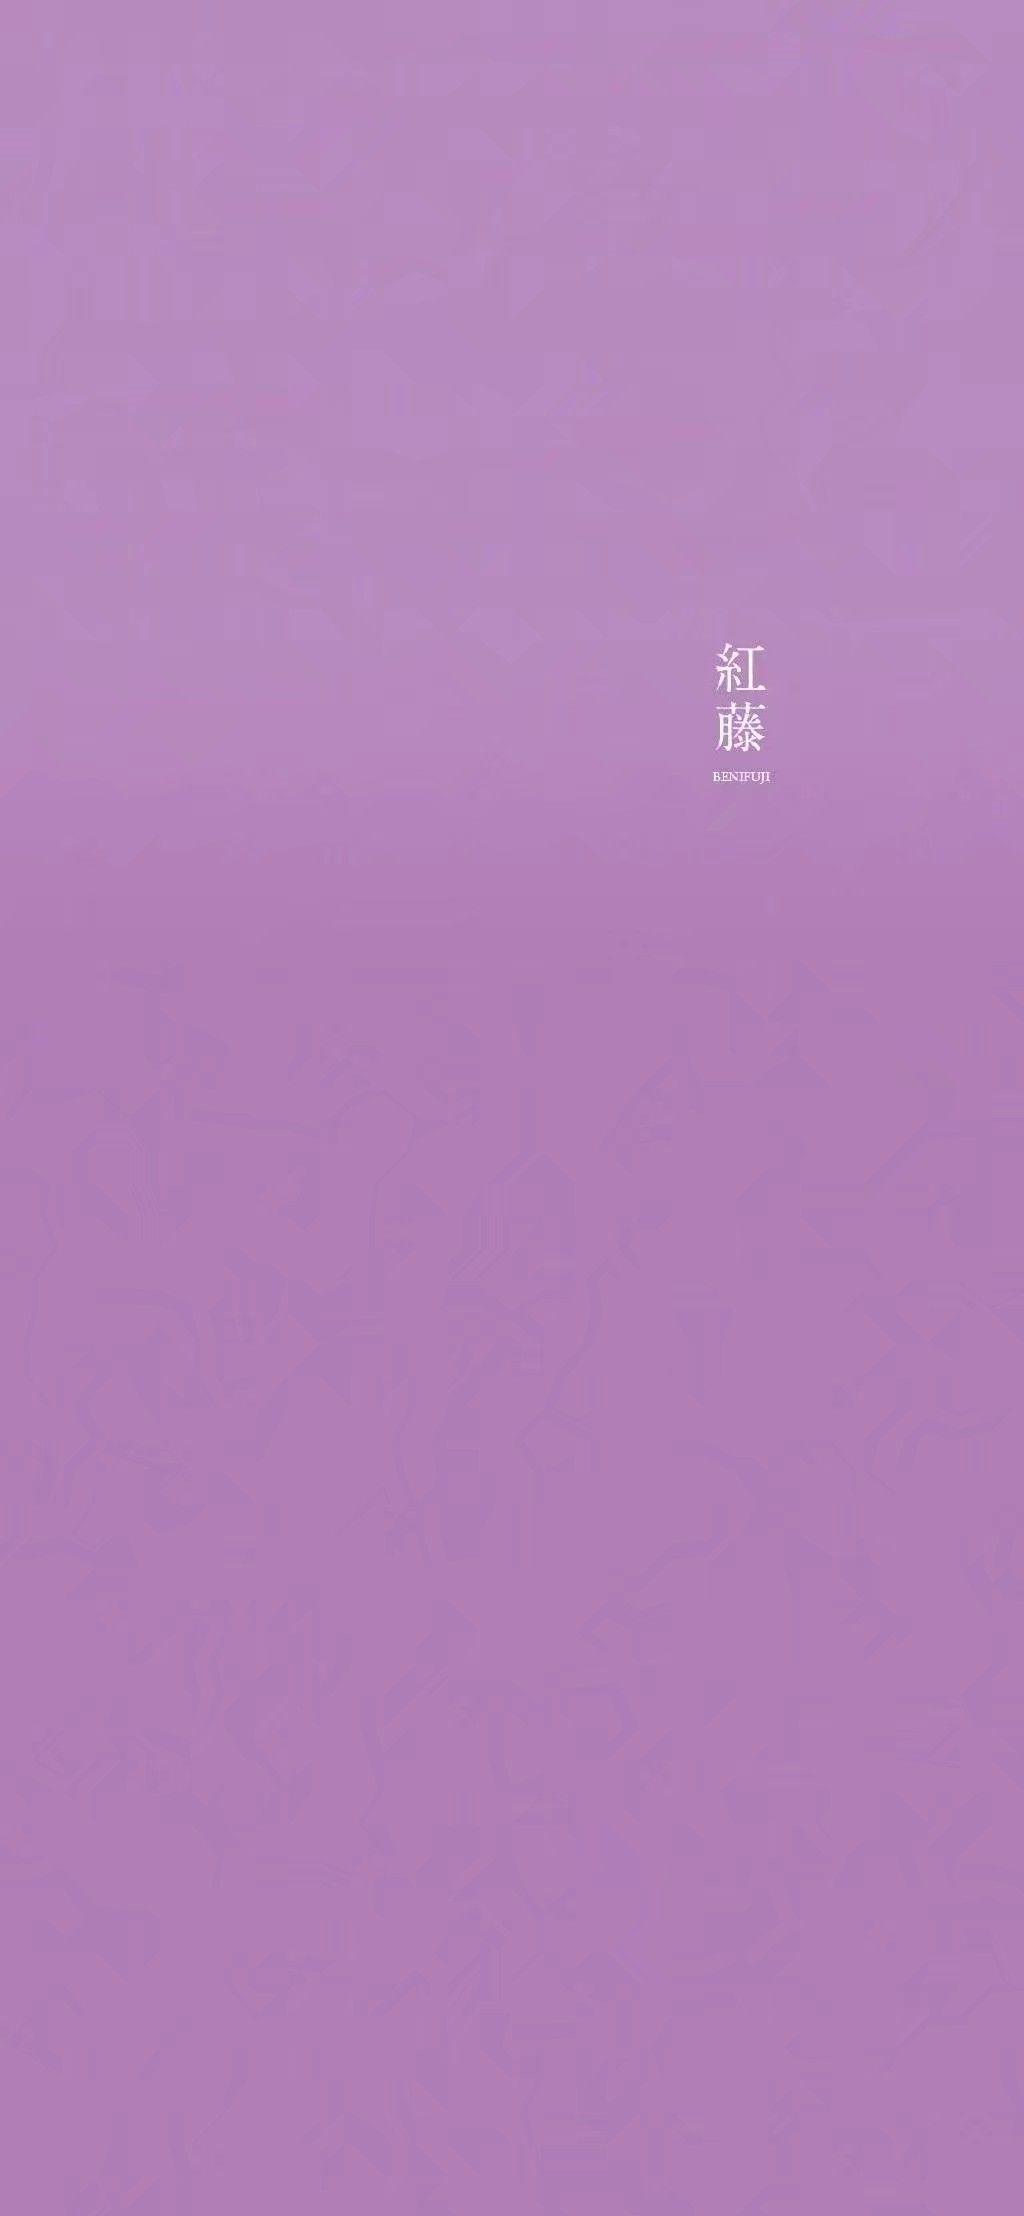 有没有好看的片子_推荐有哪些好看的纯色壁纸? - 知乎